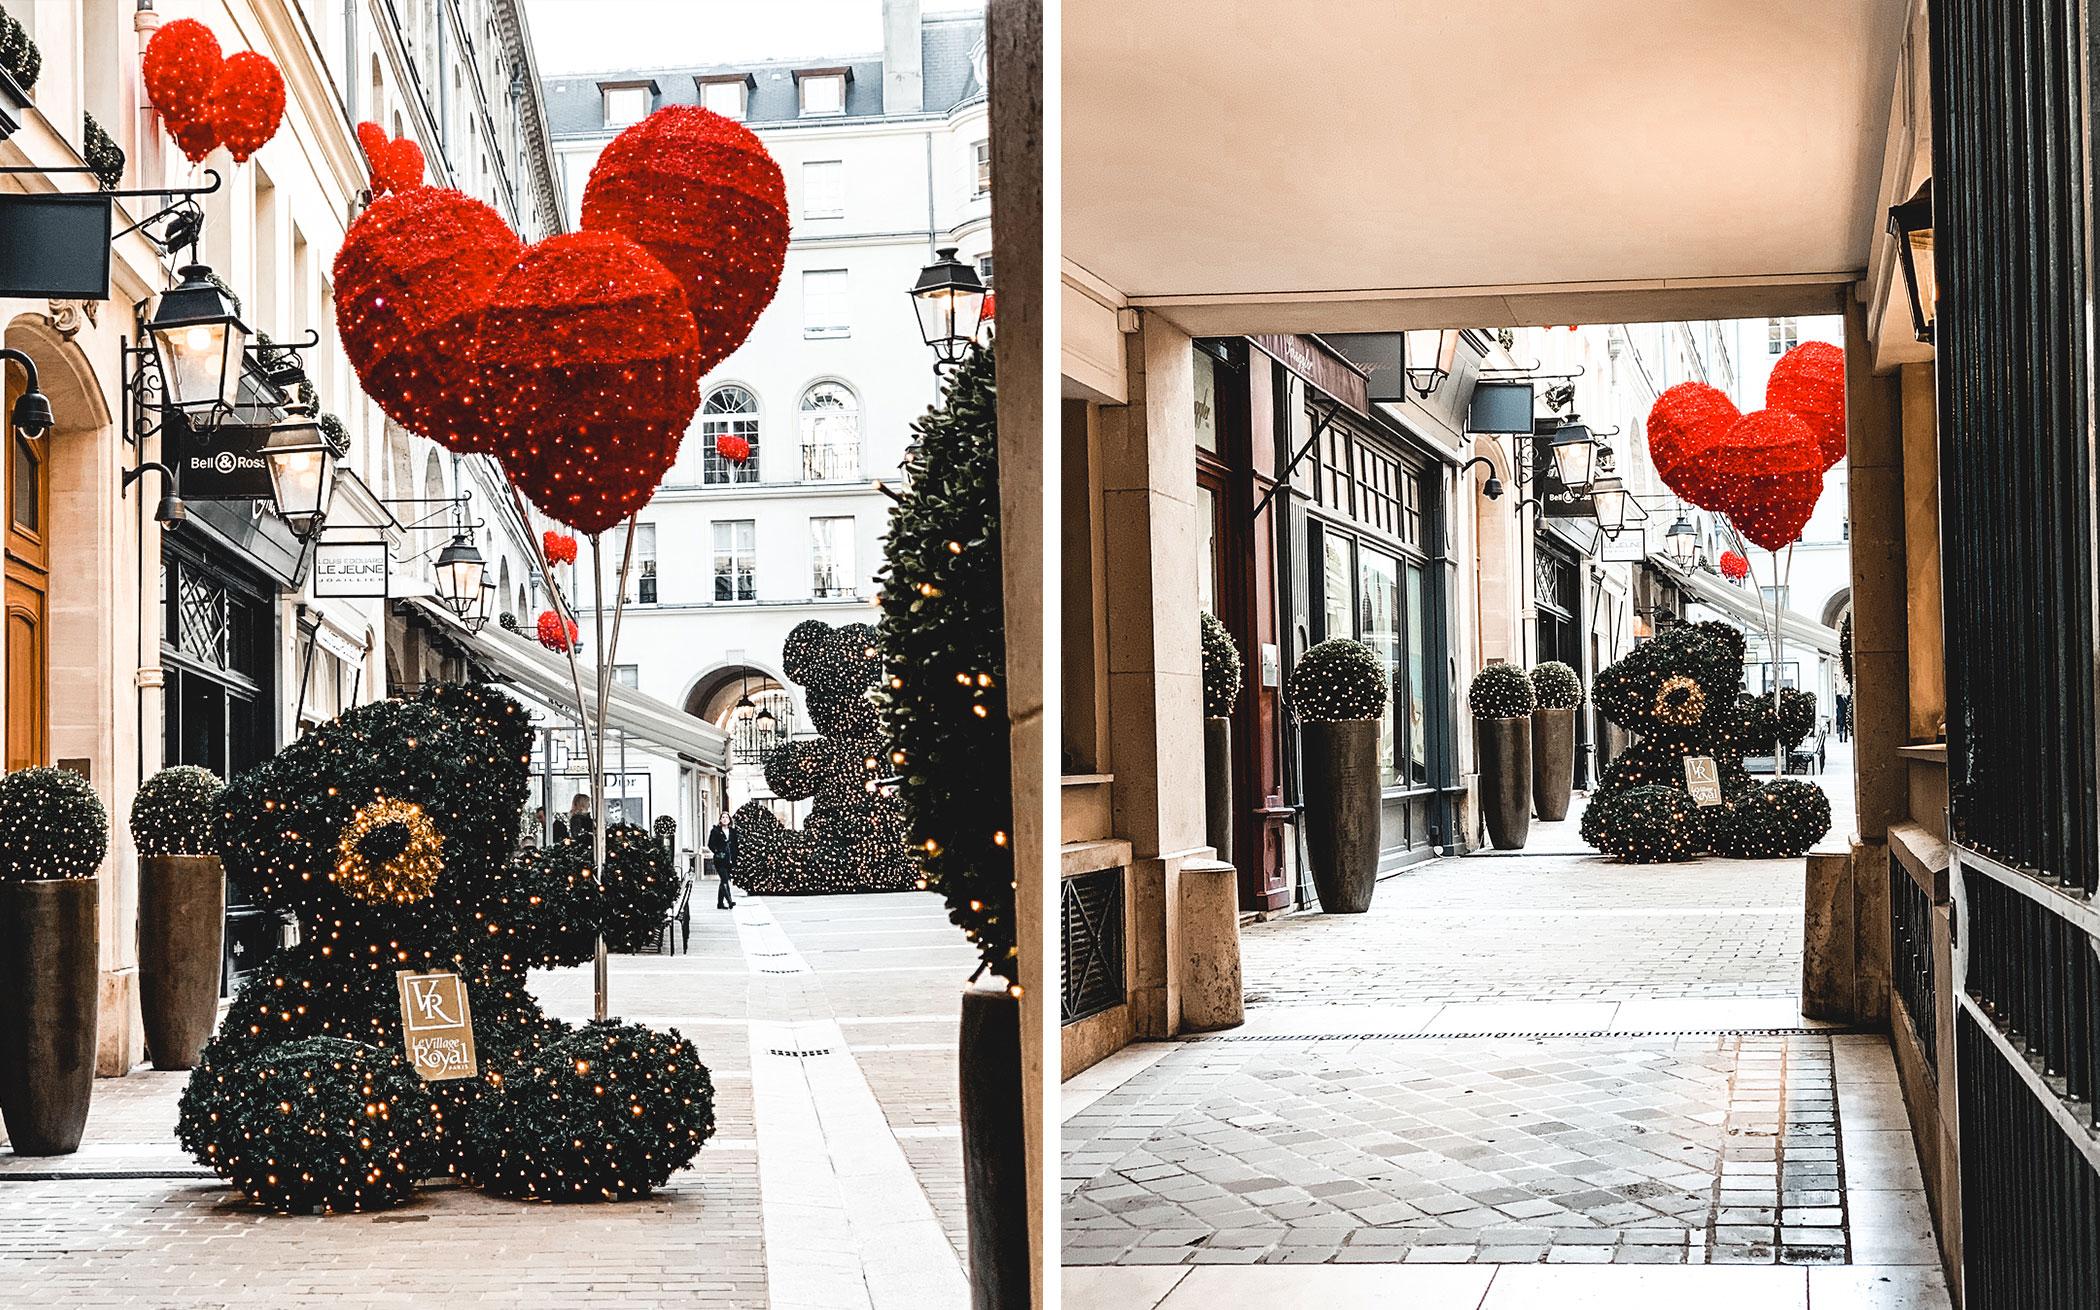 Le village royal. Parcours de Noël  à paris. Les plus belles places à voir pendant la période des fêtes